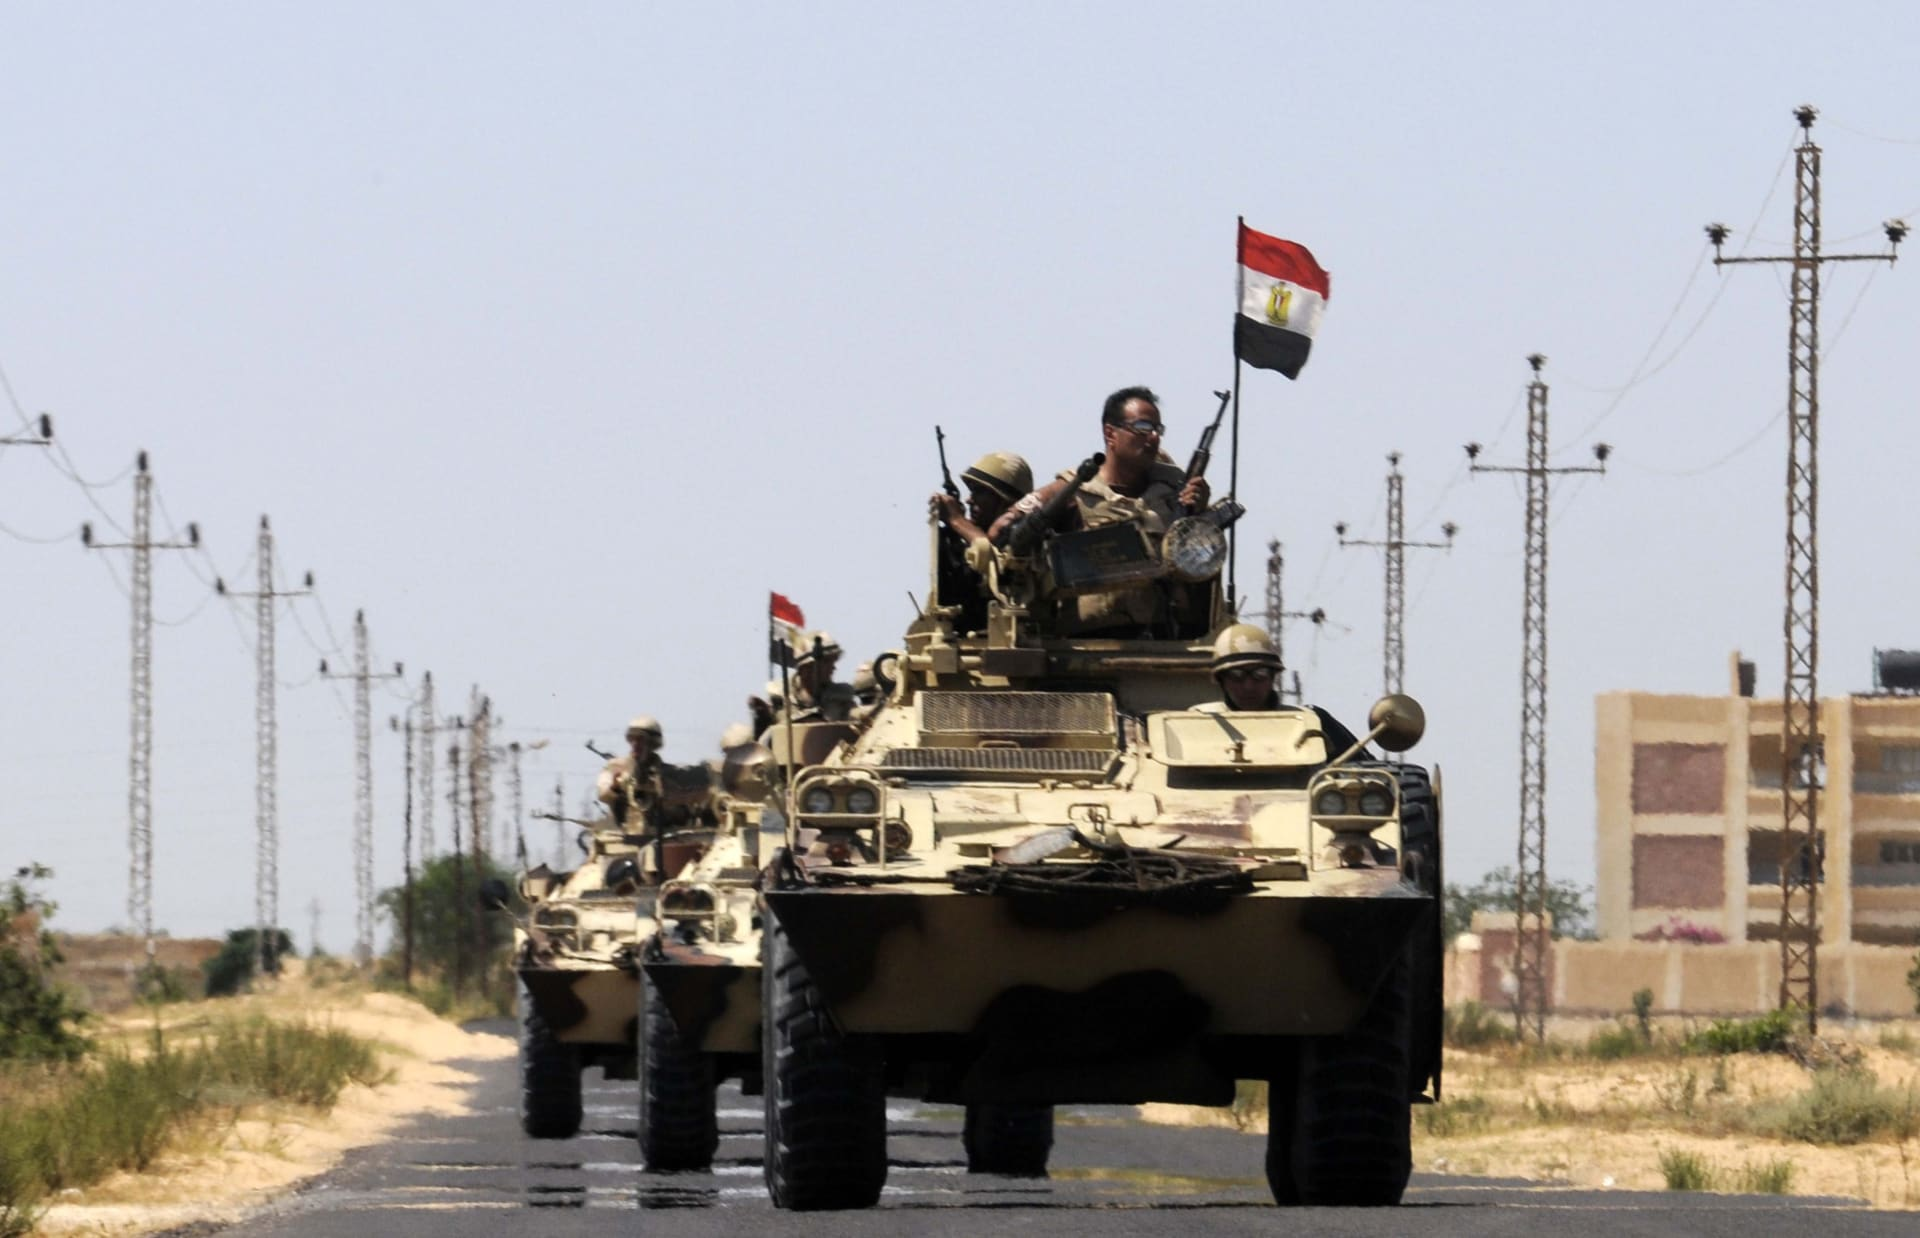 الجيش المصري يعلن مقتل 59 إرهابيا و7 من عناصره